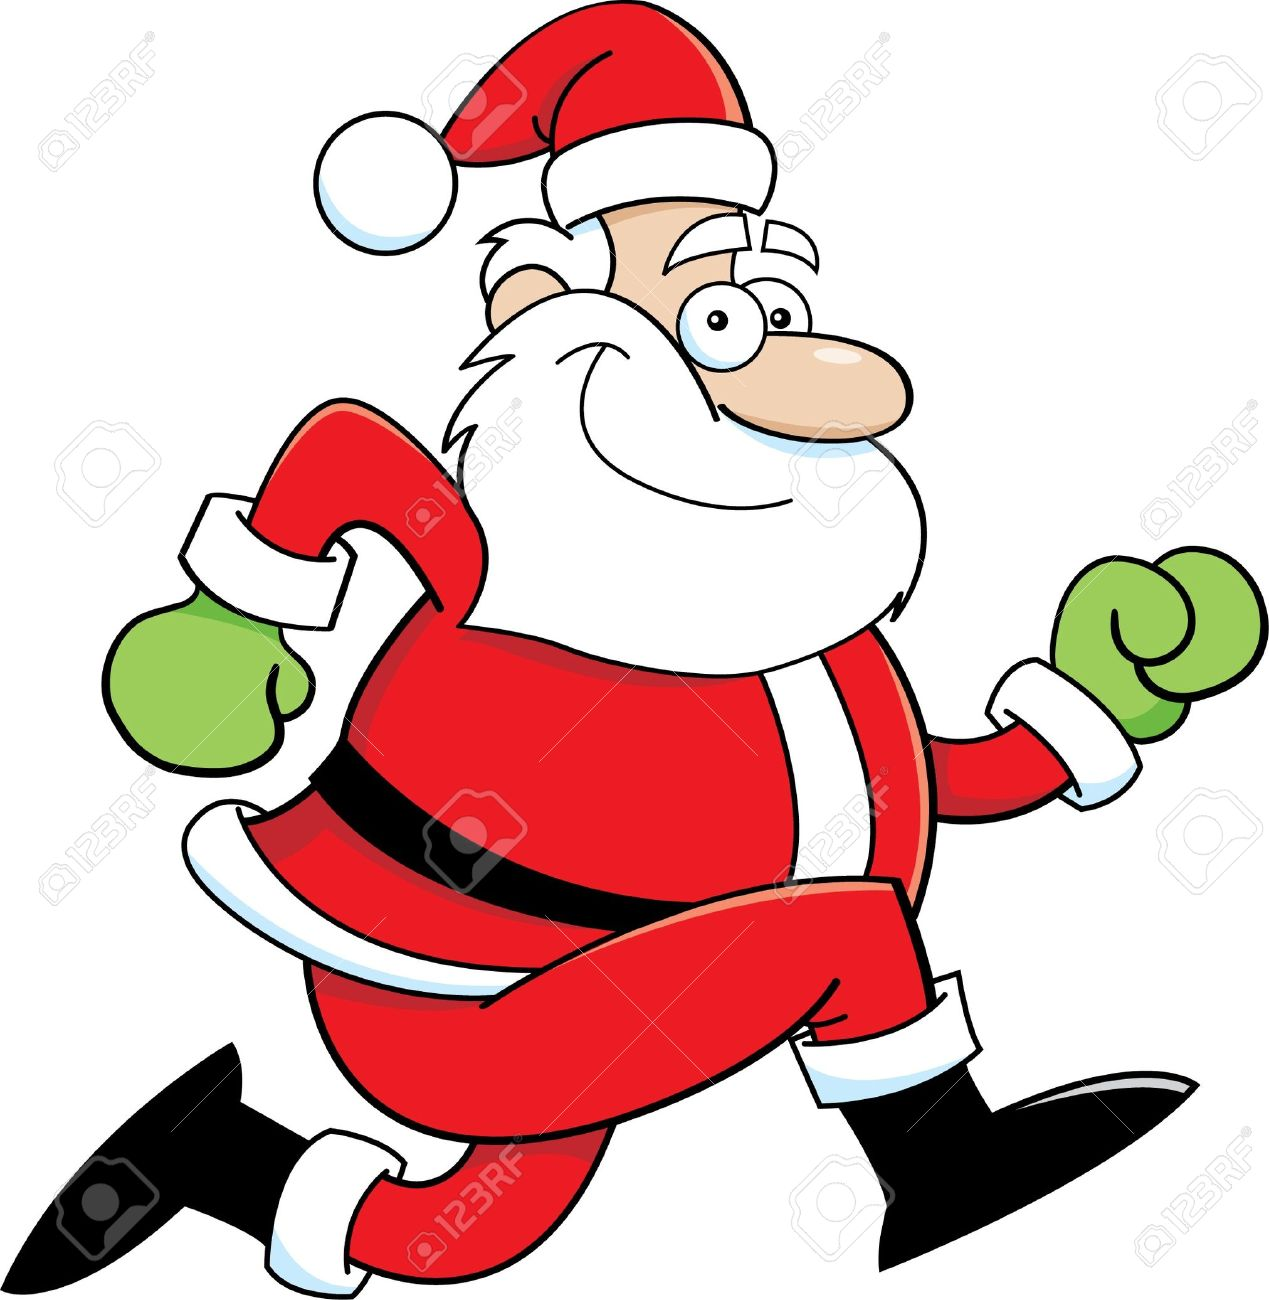 Cartoon illustration of Santa Claus running Stock Vector - 16452730